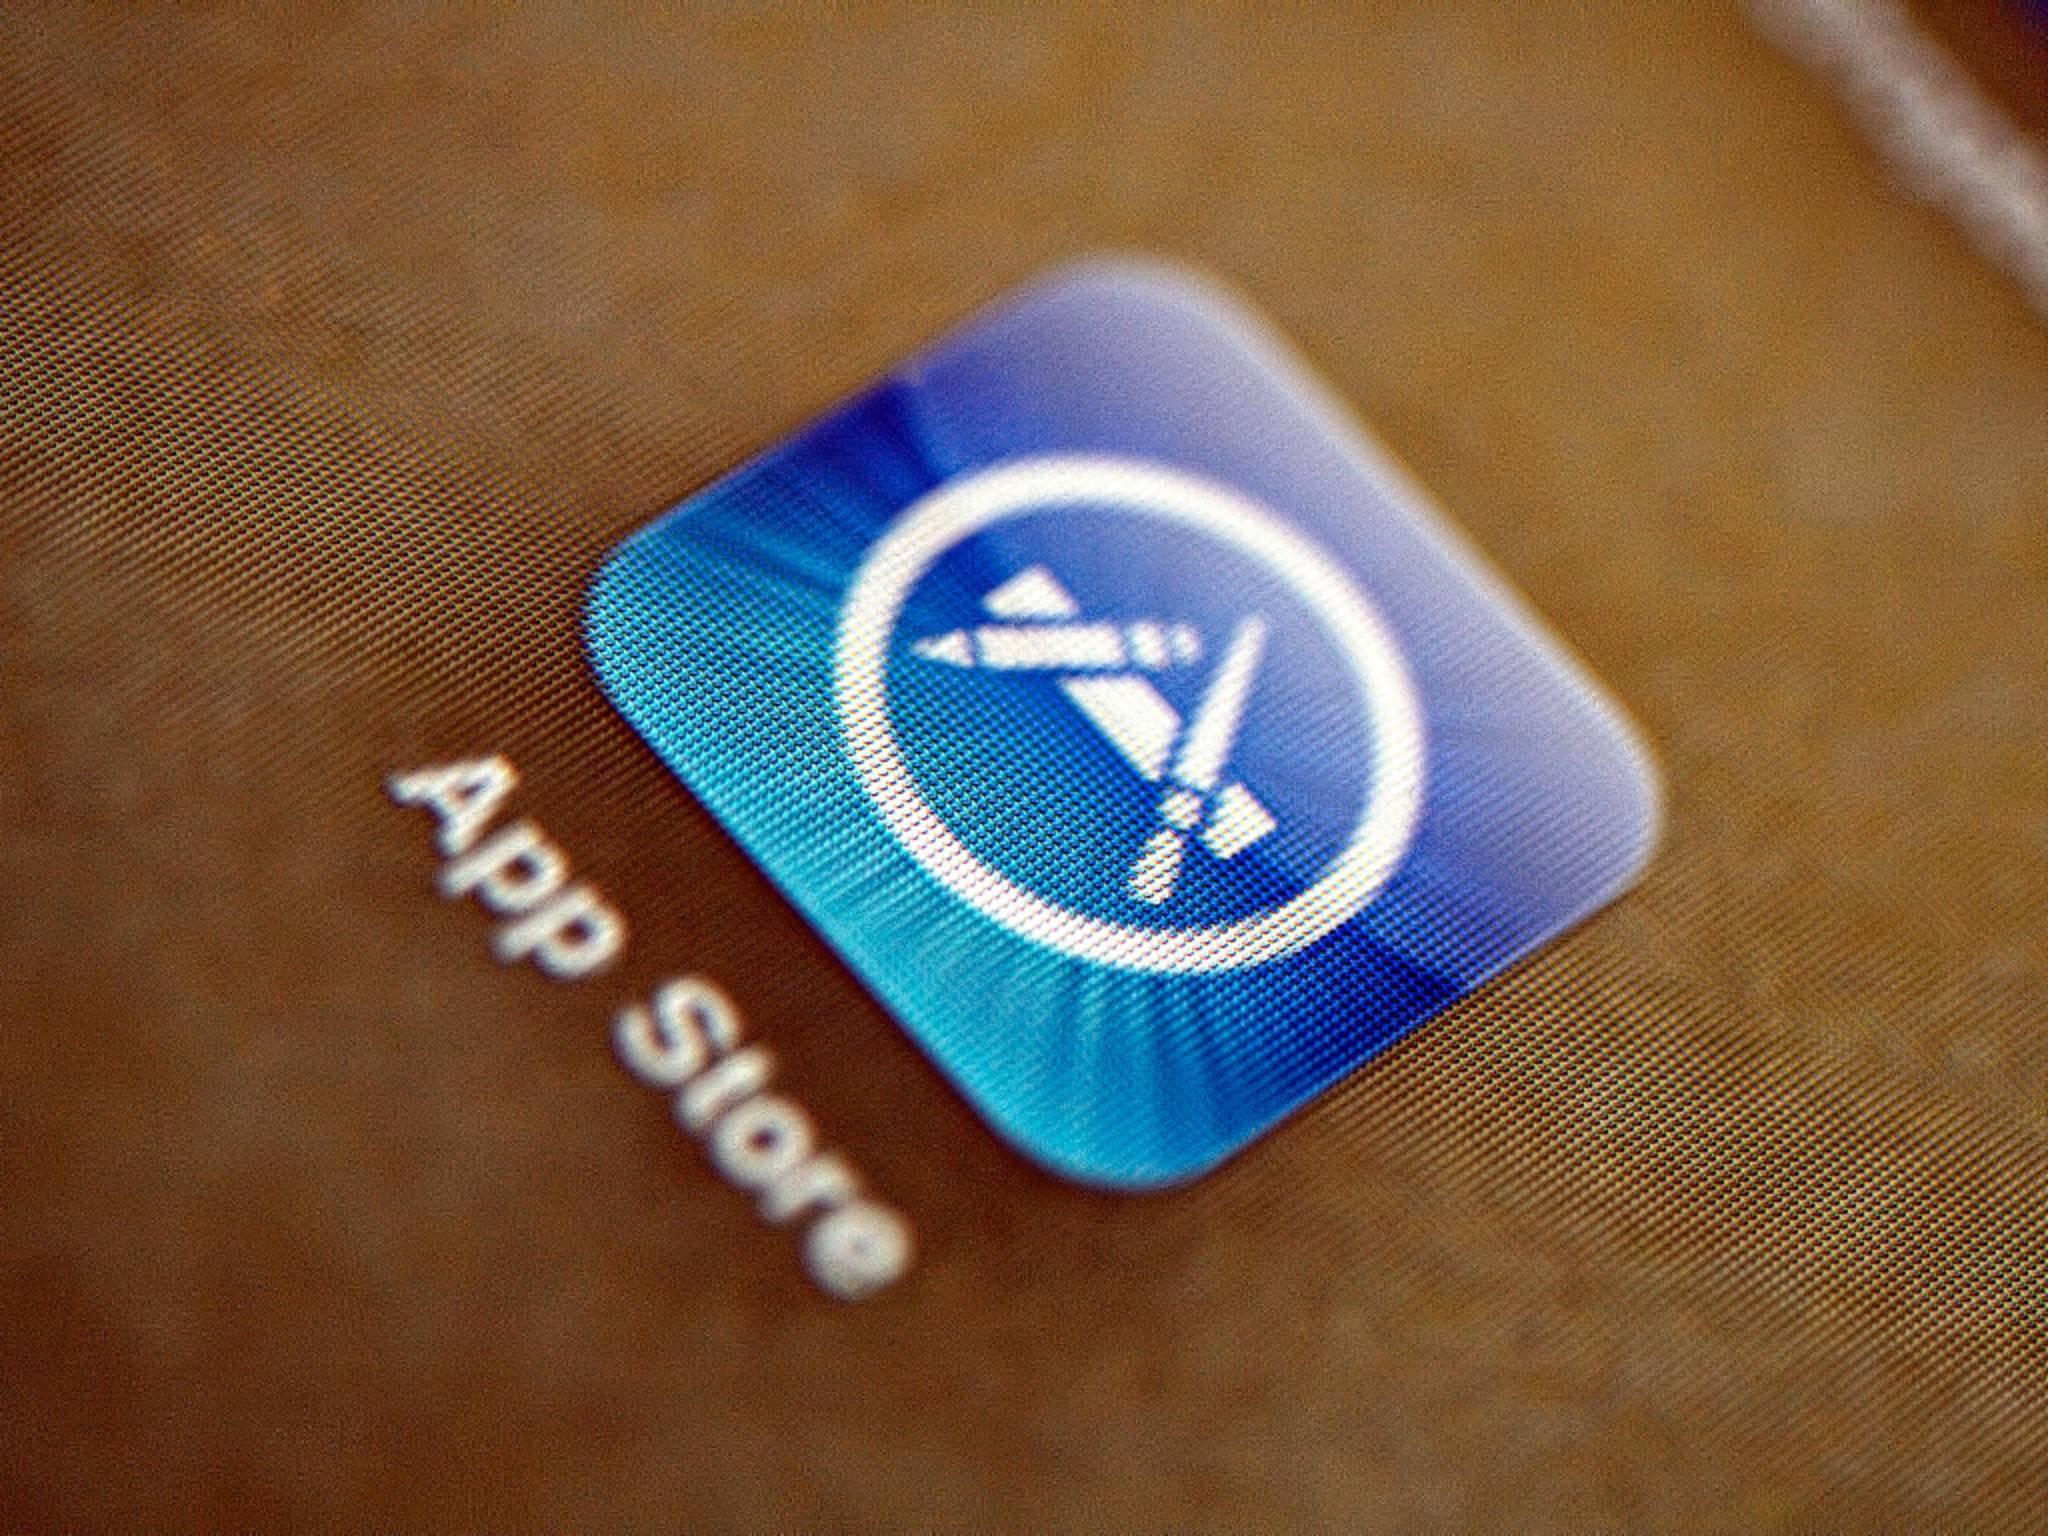 Kostenlose Downloads im App Store sind nun ohne Passwort möglich.